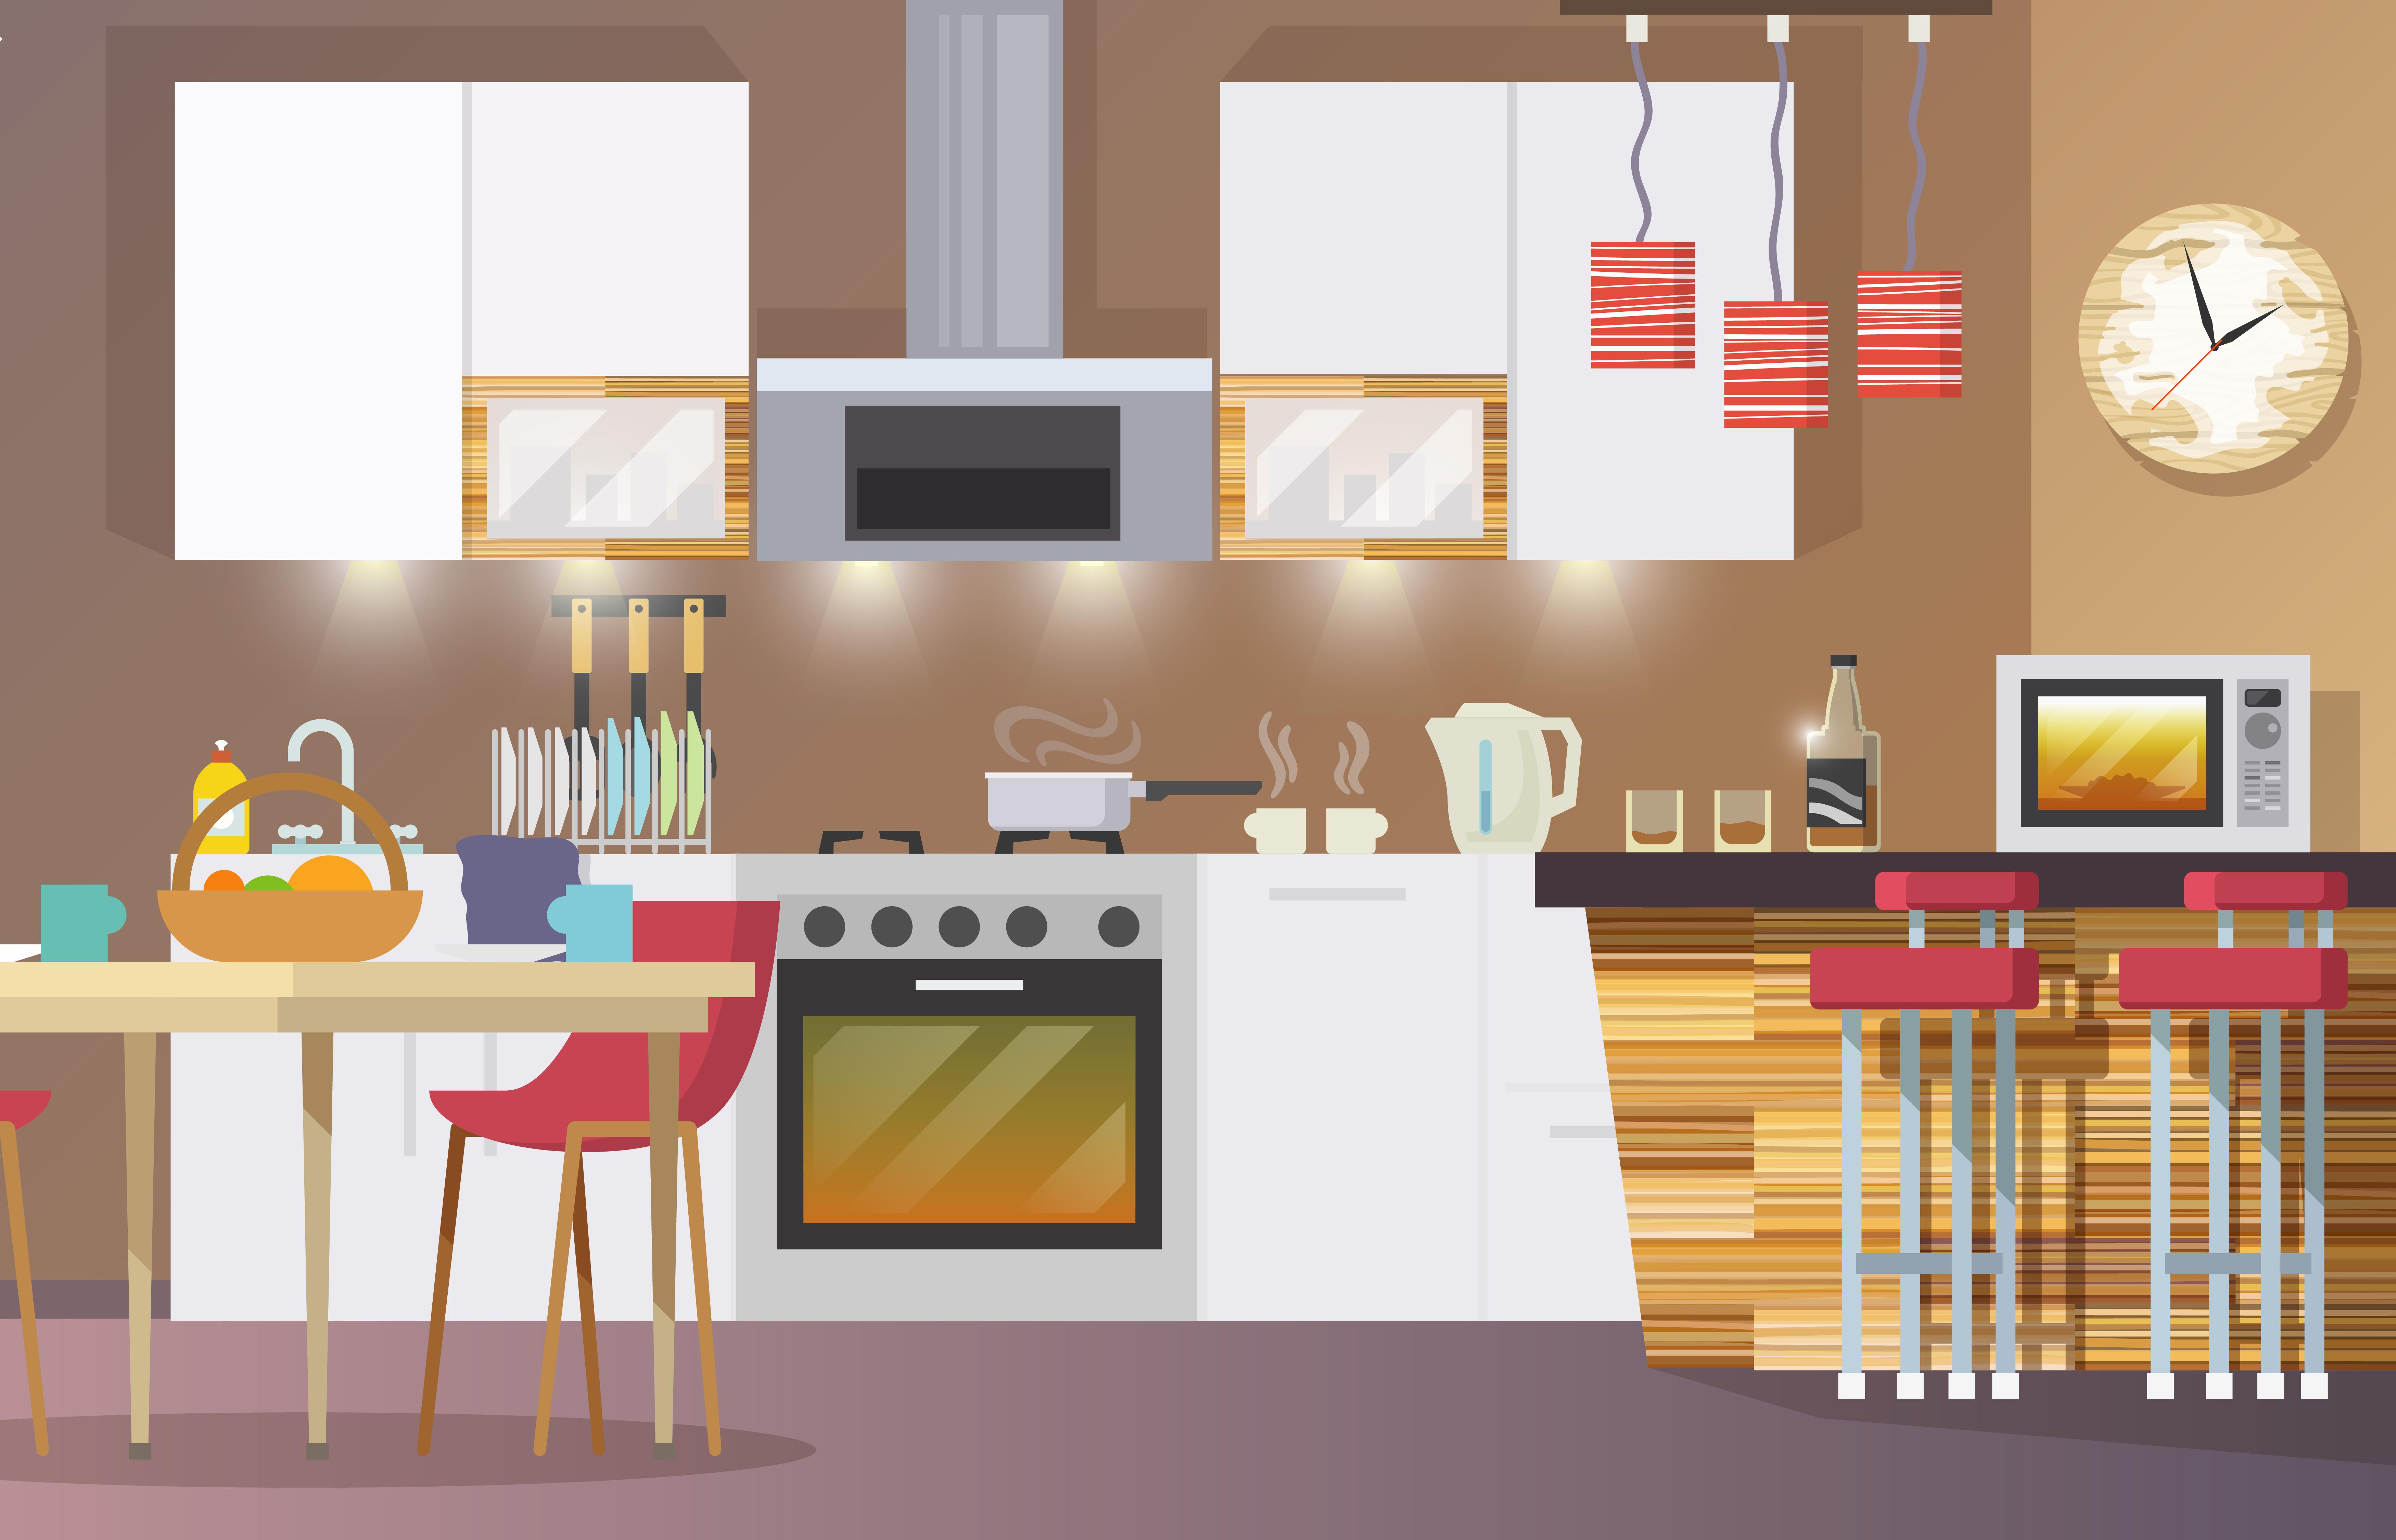 kitchen interior flat  download free vectors clipart